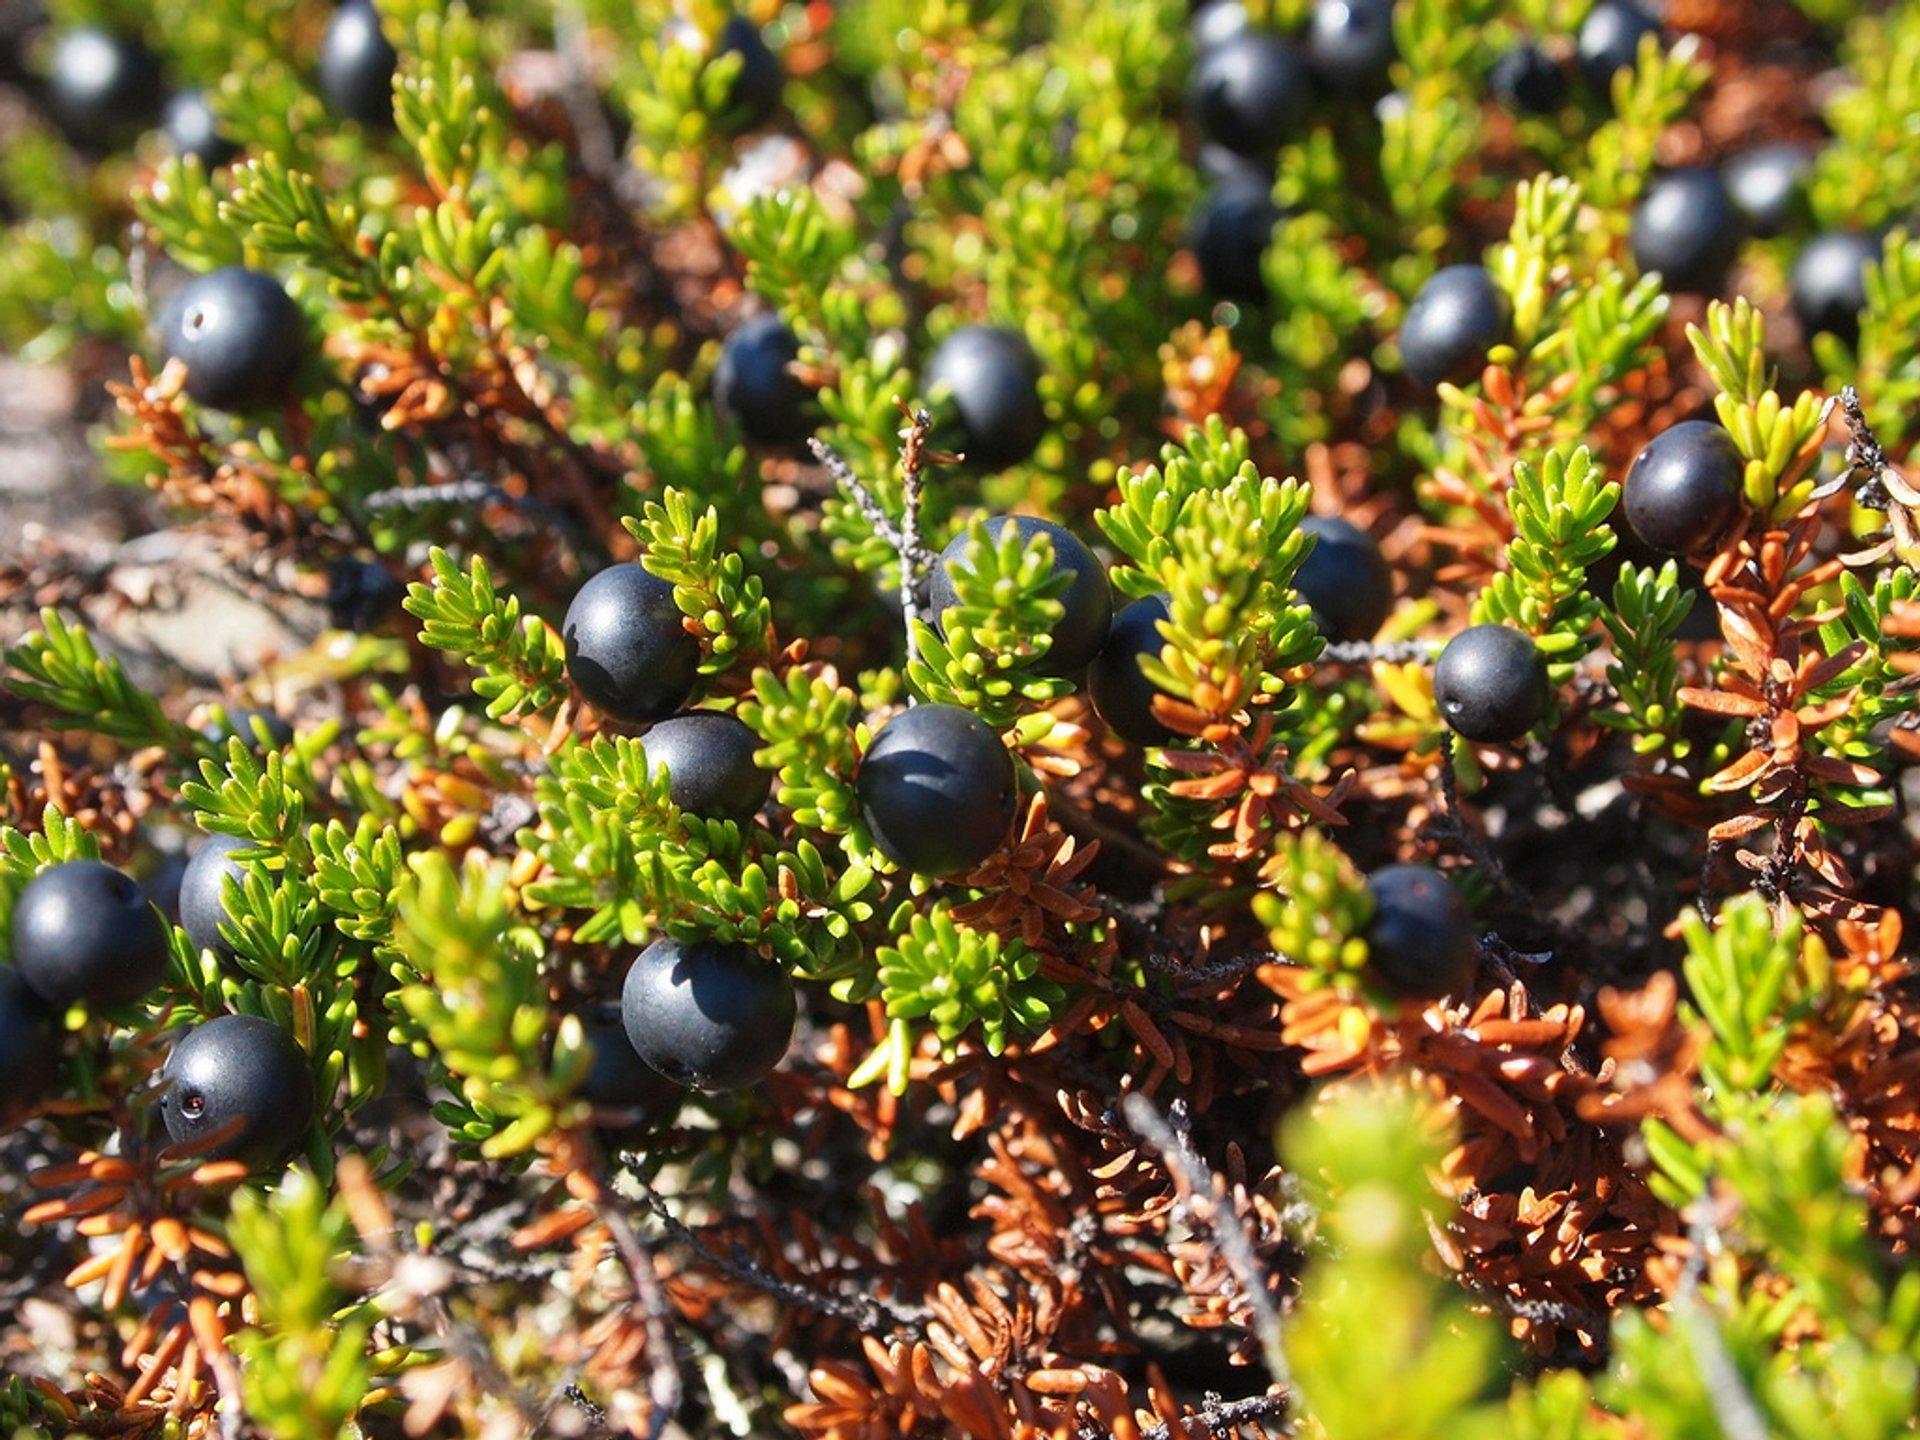 Arctic blackberries (Empetrum nigrum)